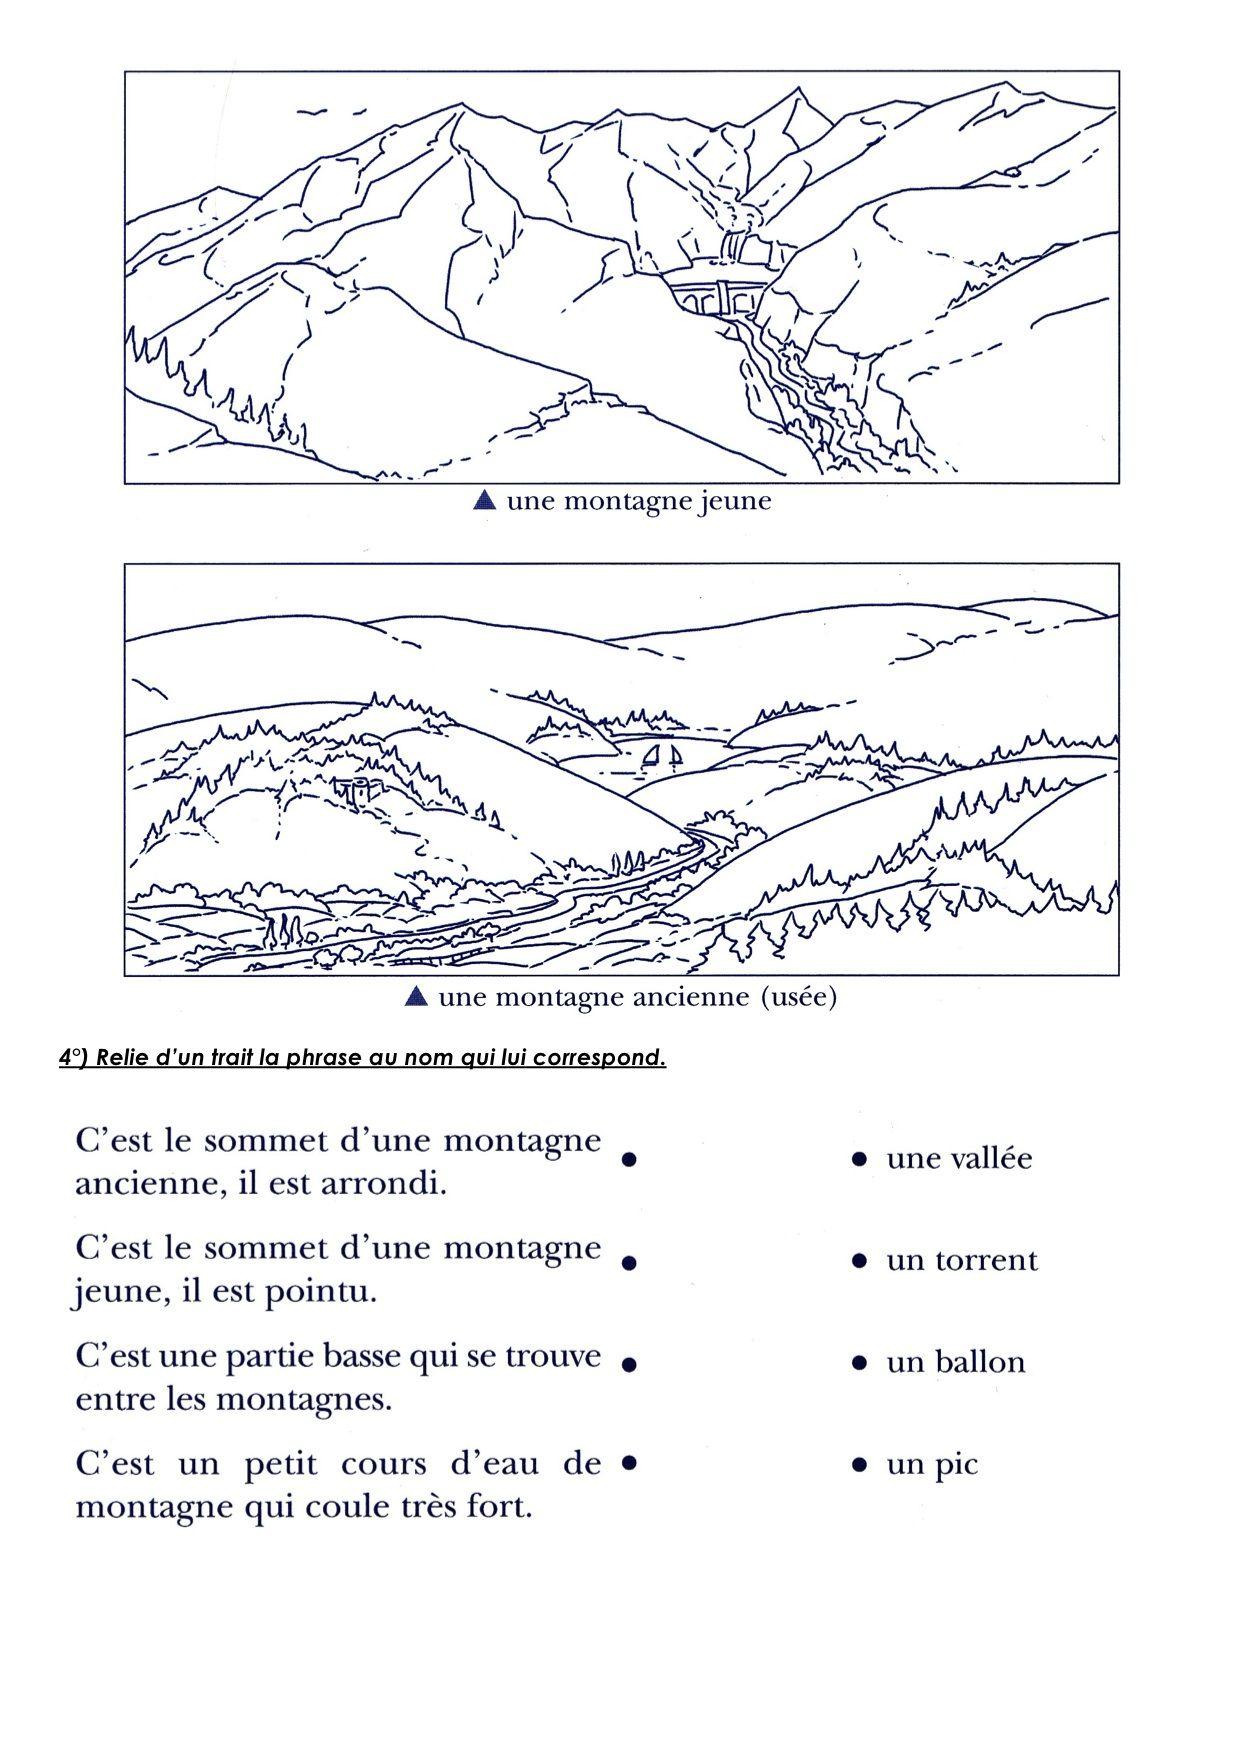 Les Paysages Francais Geographie Classe De Neige Geographie Ce2